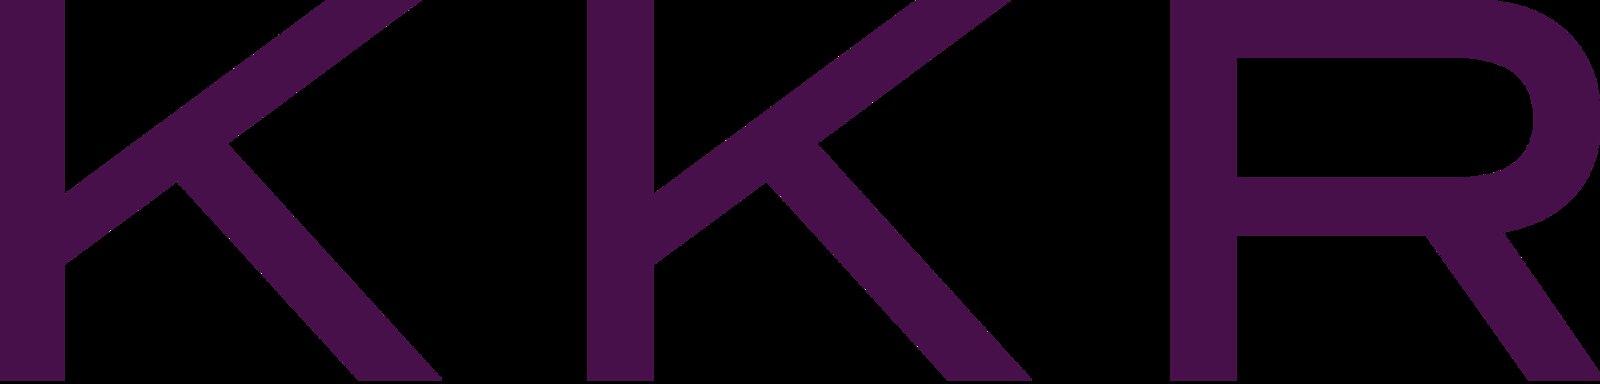 KKR Logo